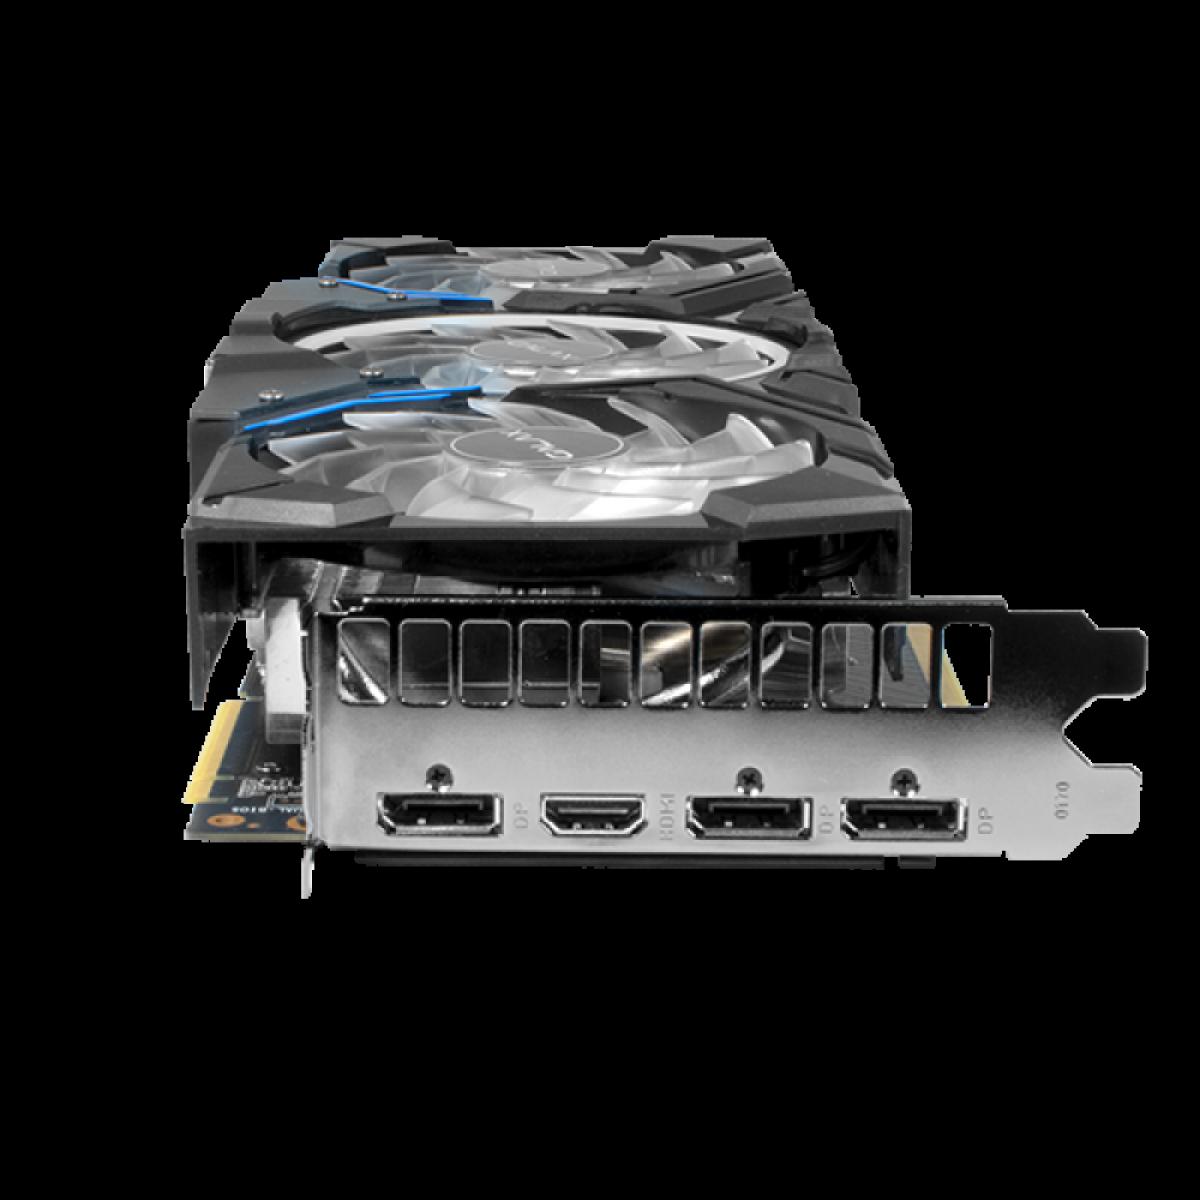 Placa de Vídeo Galax GeForce RTX 2070 Super Work The Frames Edition, 8GB GDDR6, 27ISL6MD49ES